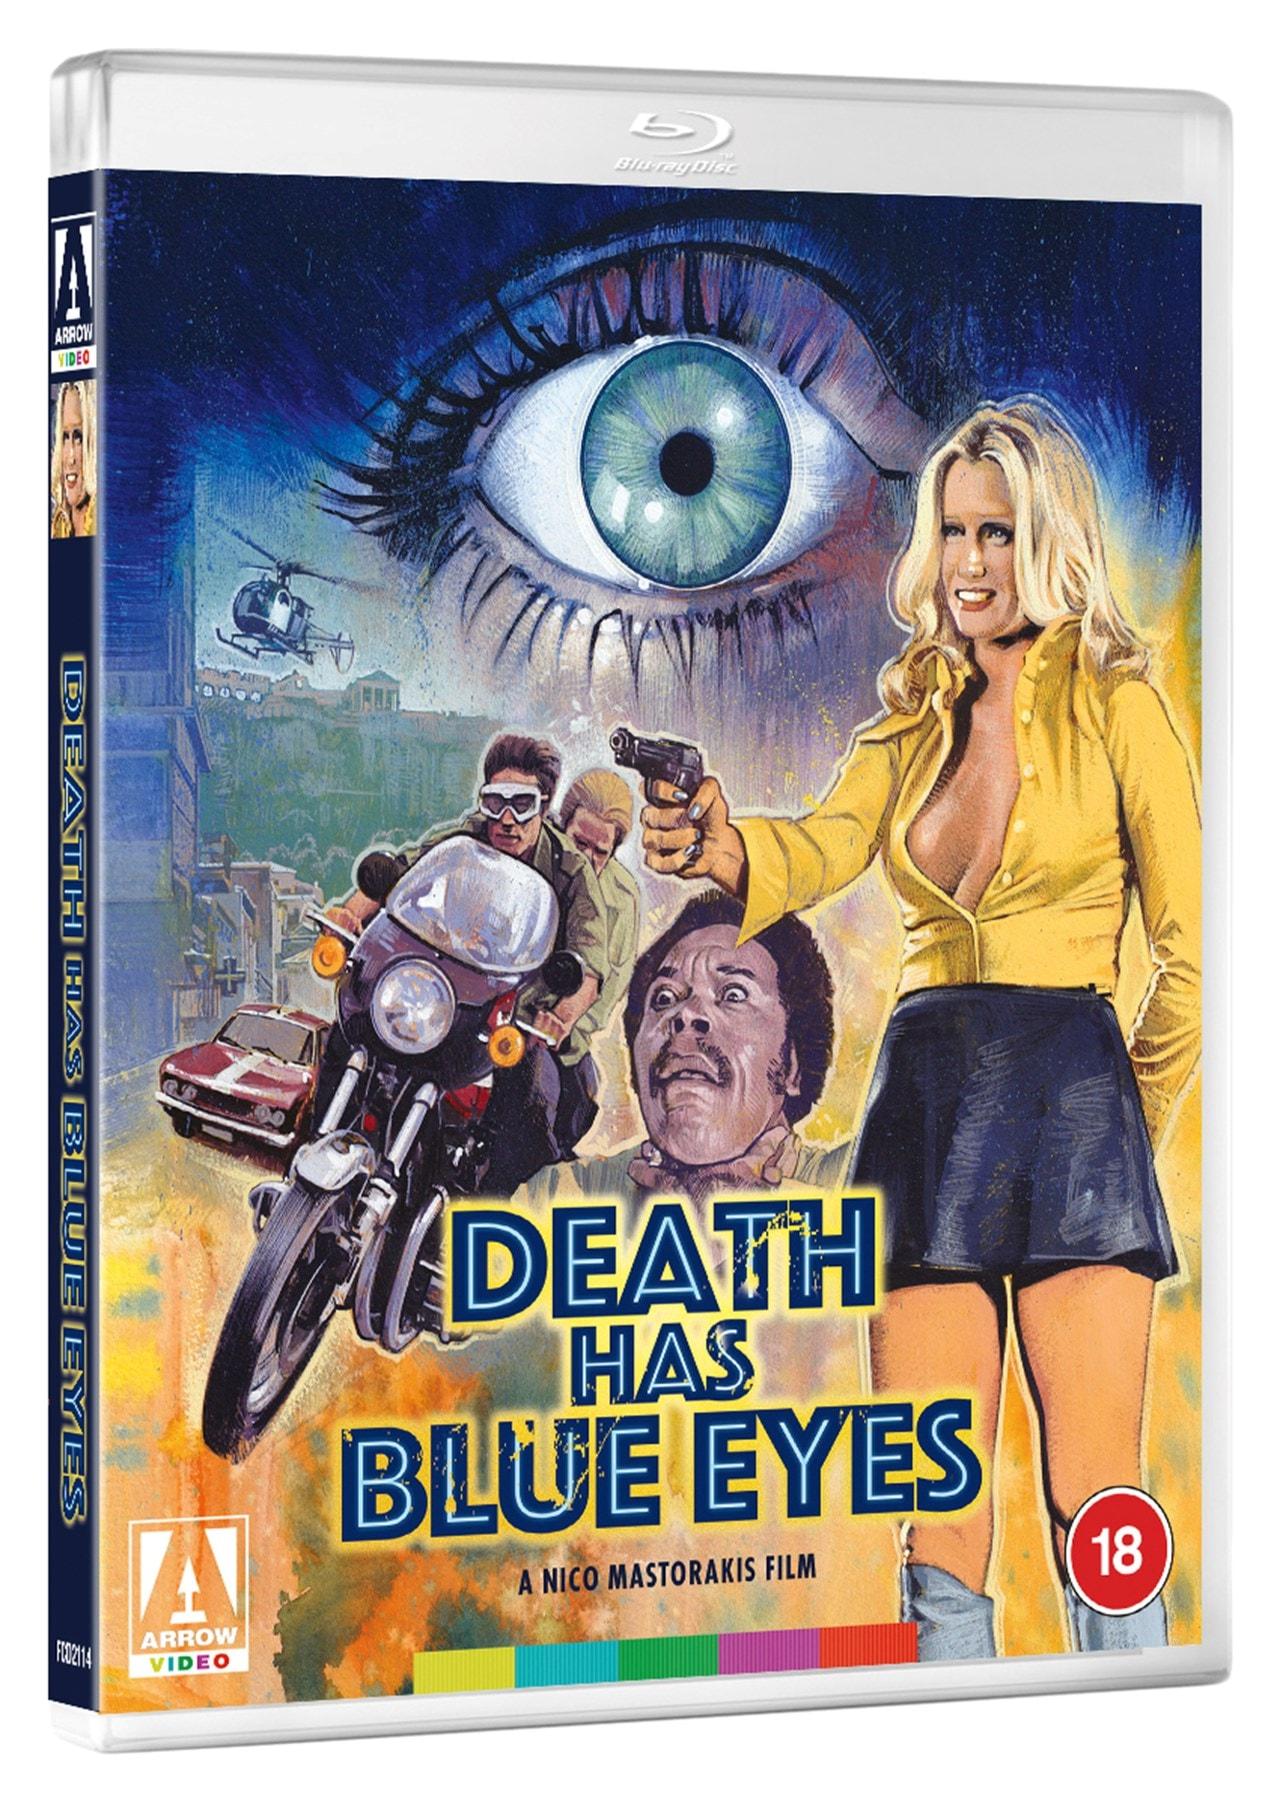 Death Has Blue Eyes - 3